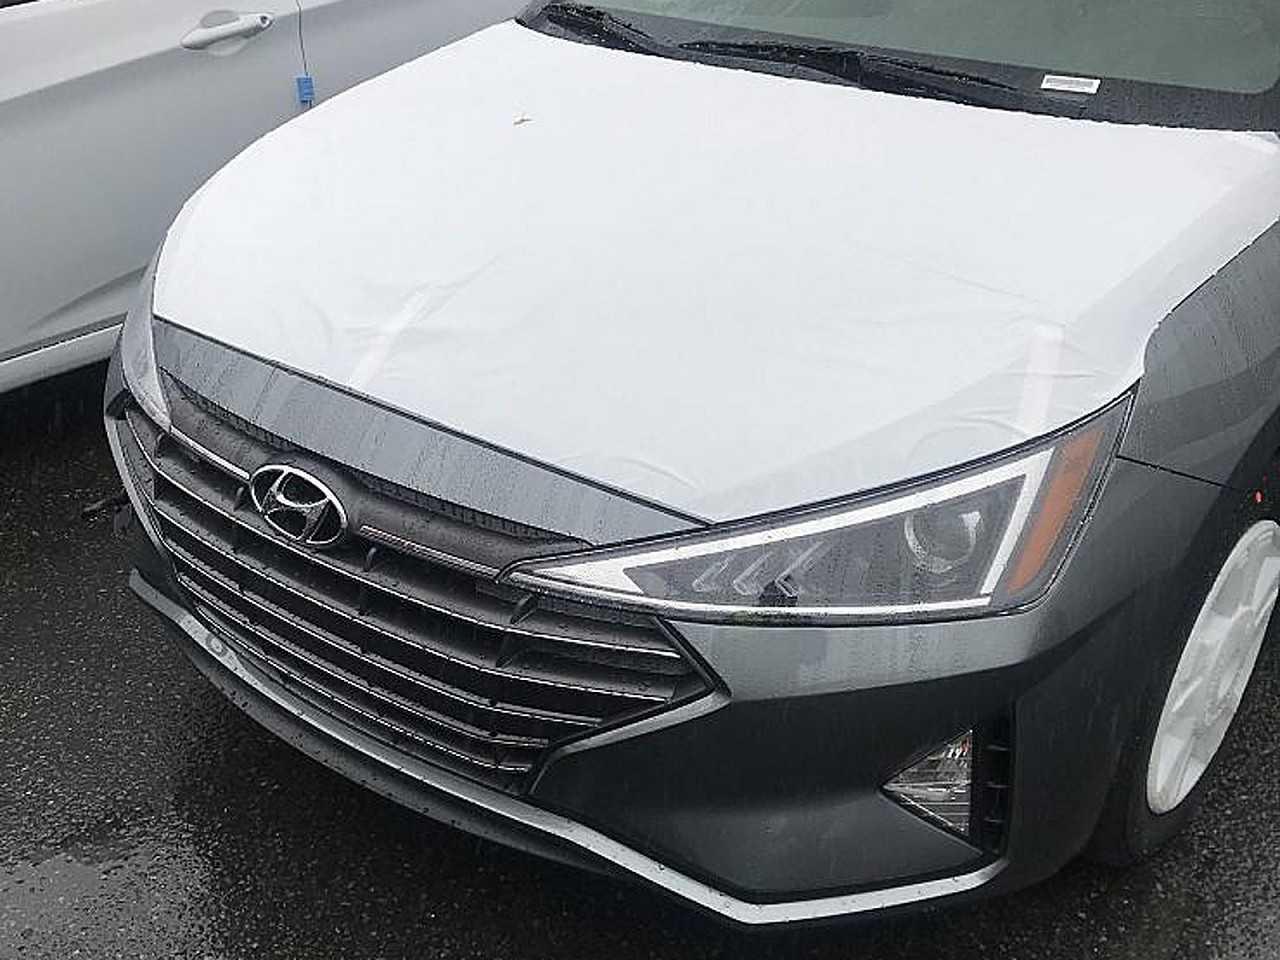 Flagra do novo Hyundai Elantra feito pelo site Almuraba